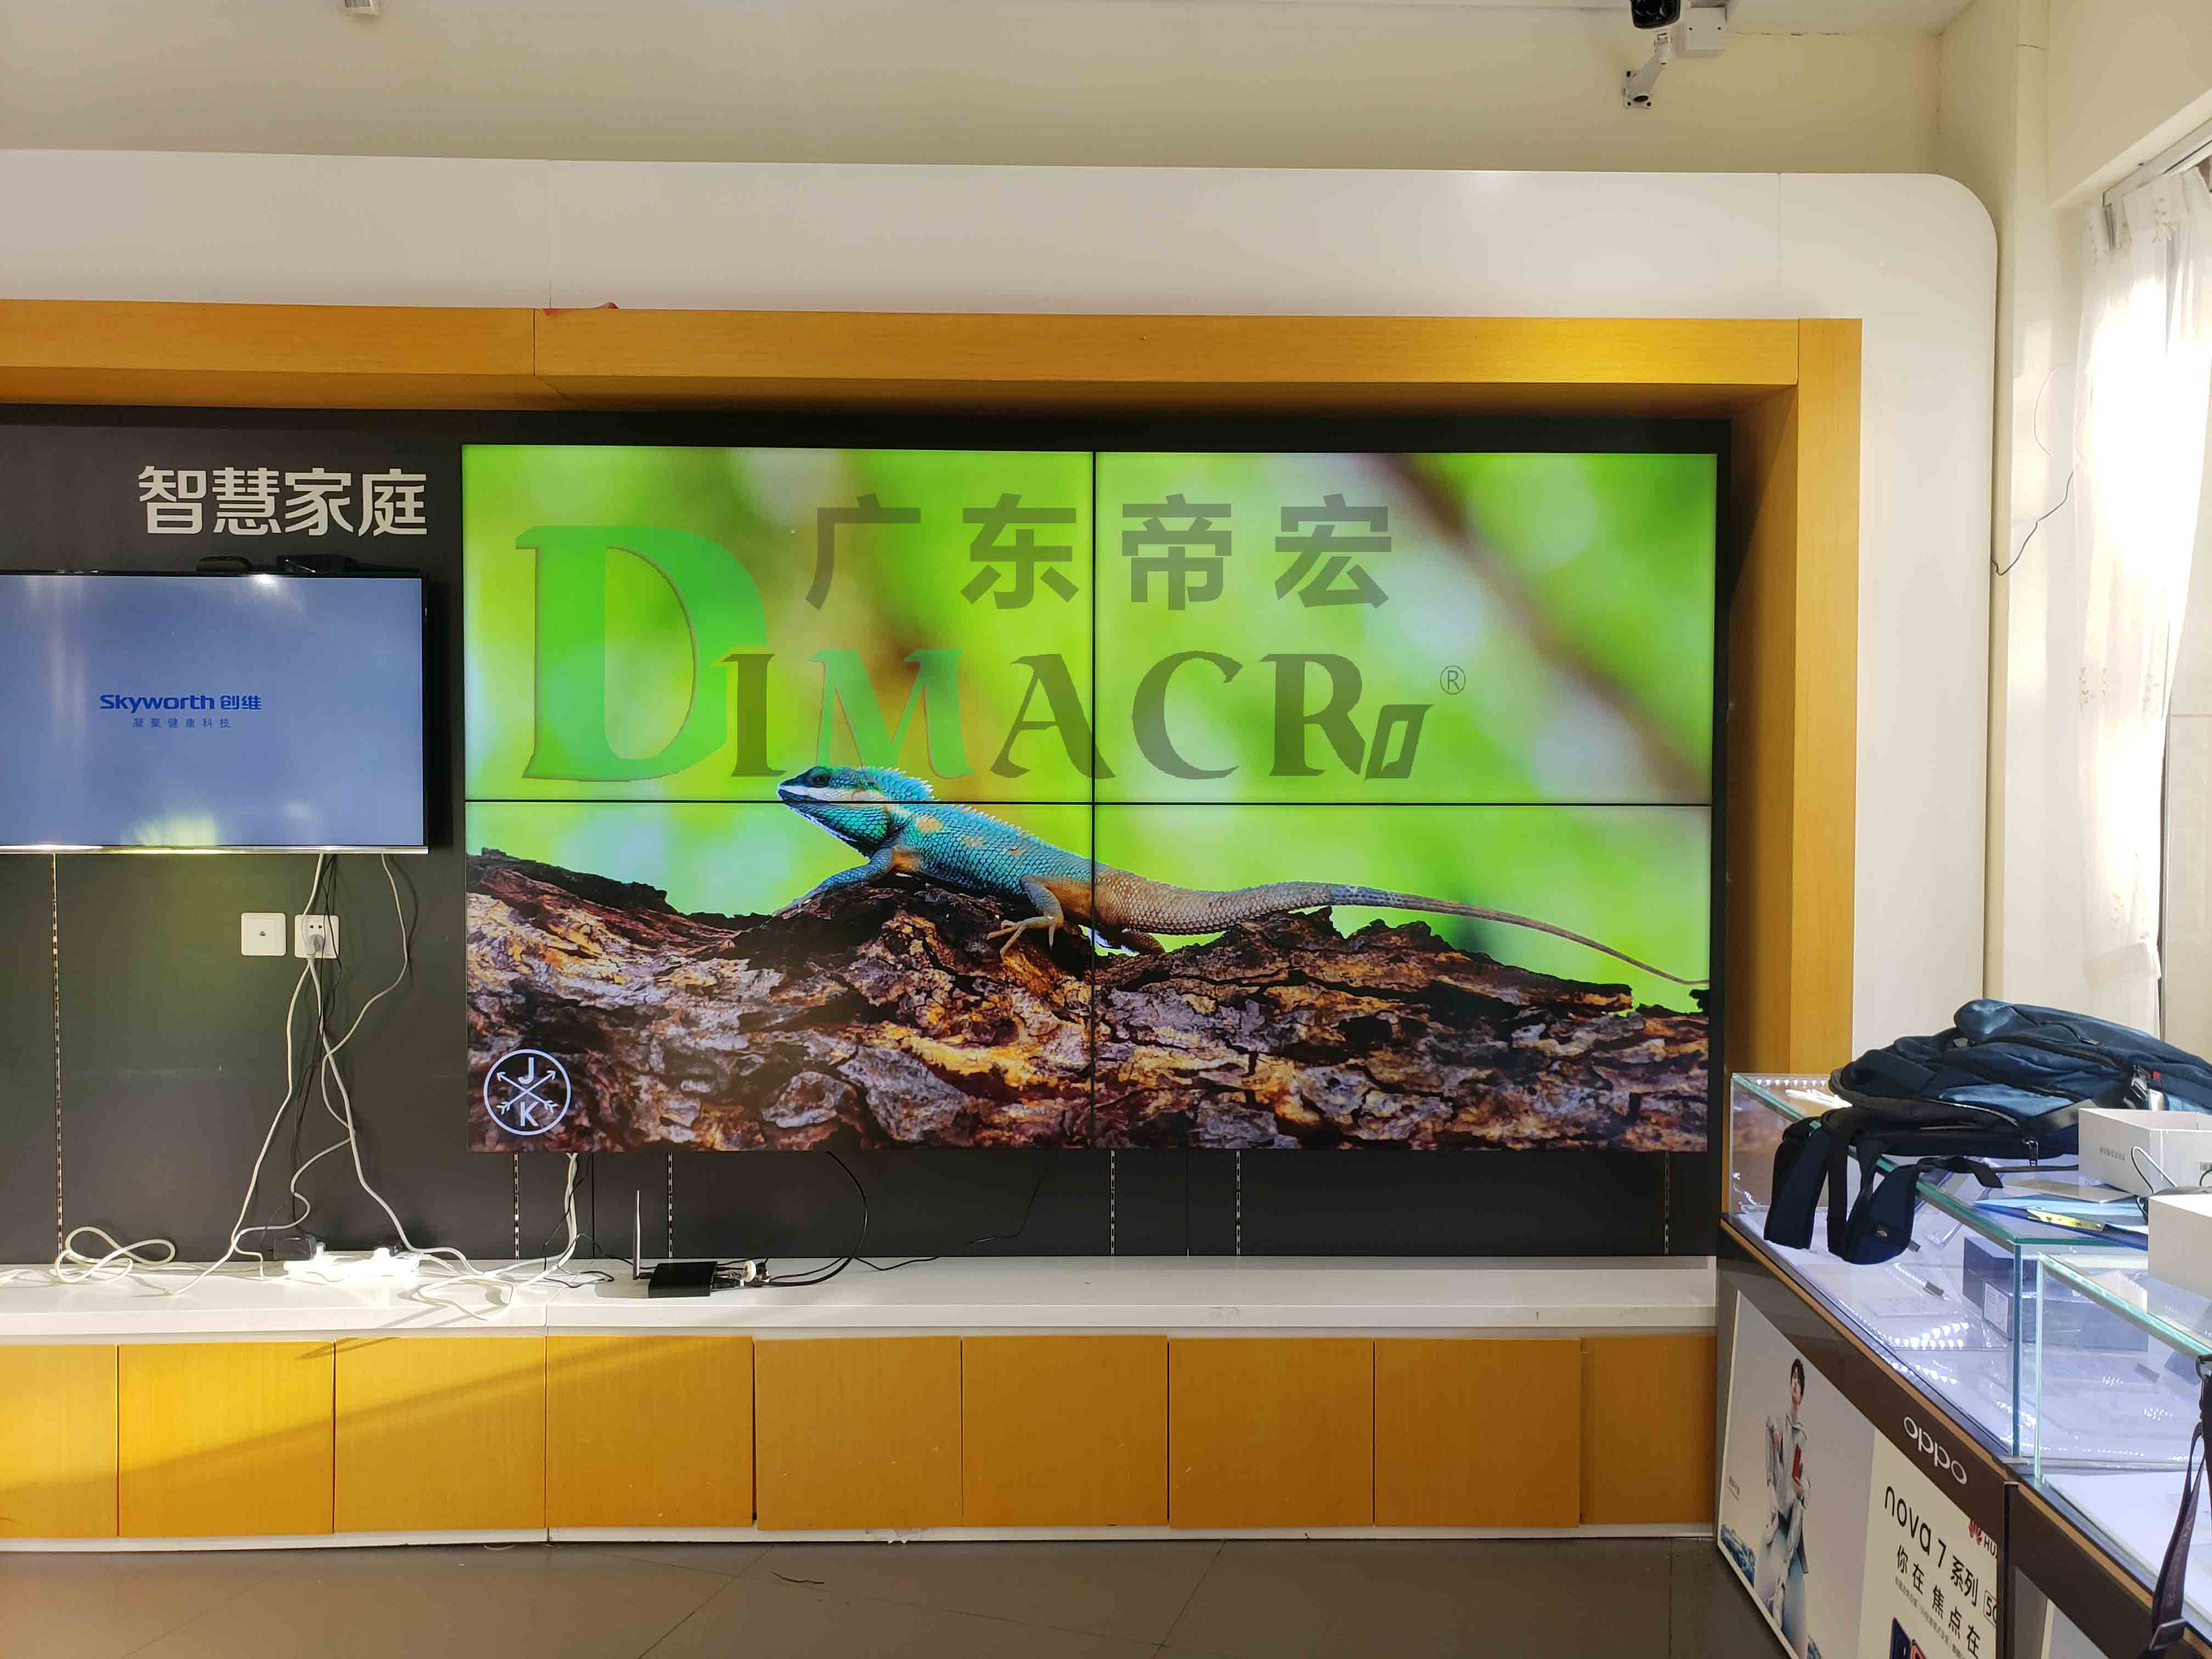 广东惠州电信100台液晶拼接屏项目安装调试进行中